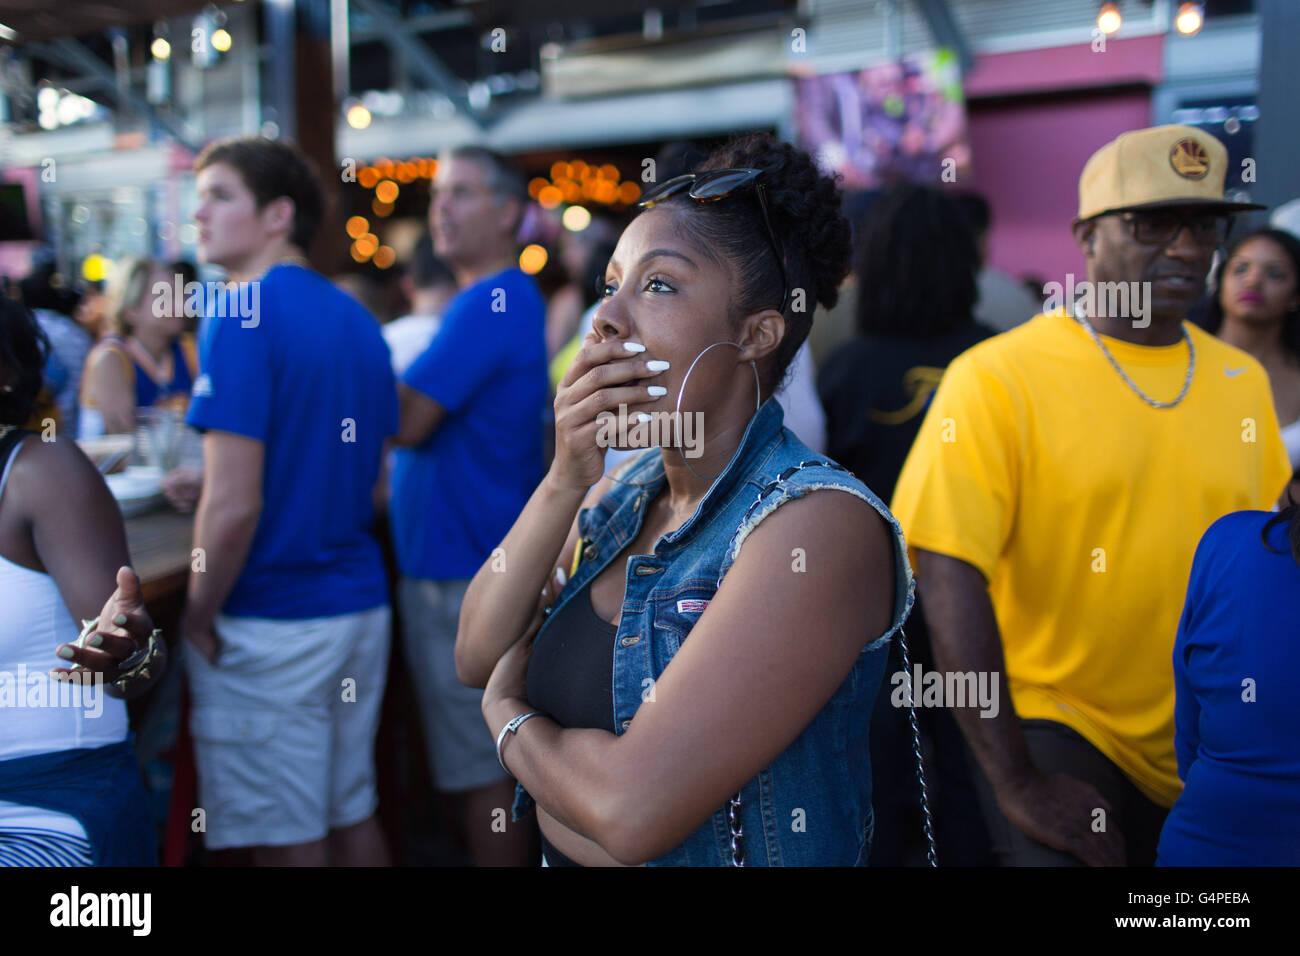 6f8261f3b5cb Cavaliers Immagini   Cavaliers Fotos Stock - Alamy